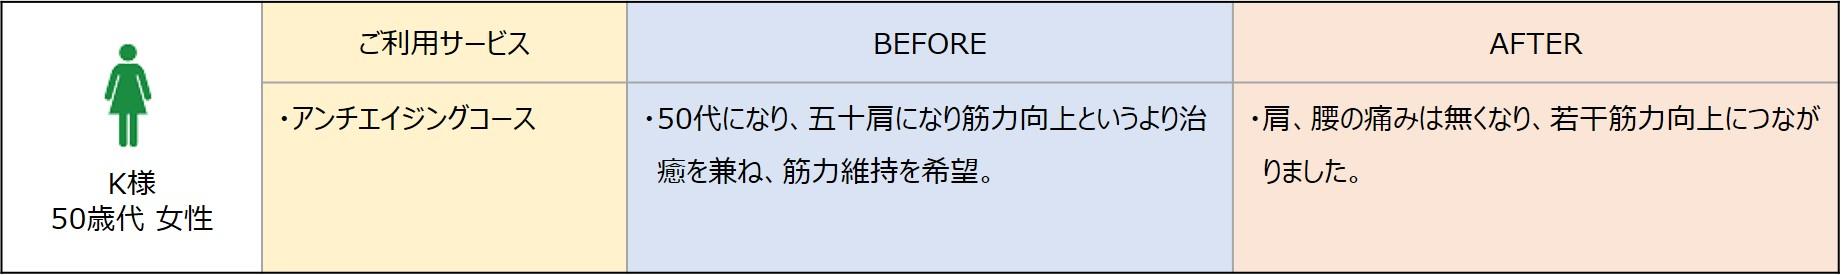 006_アンケ(50F)_20160527